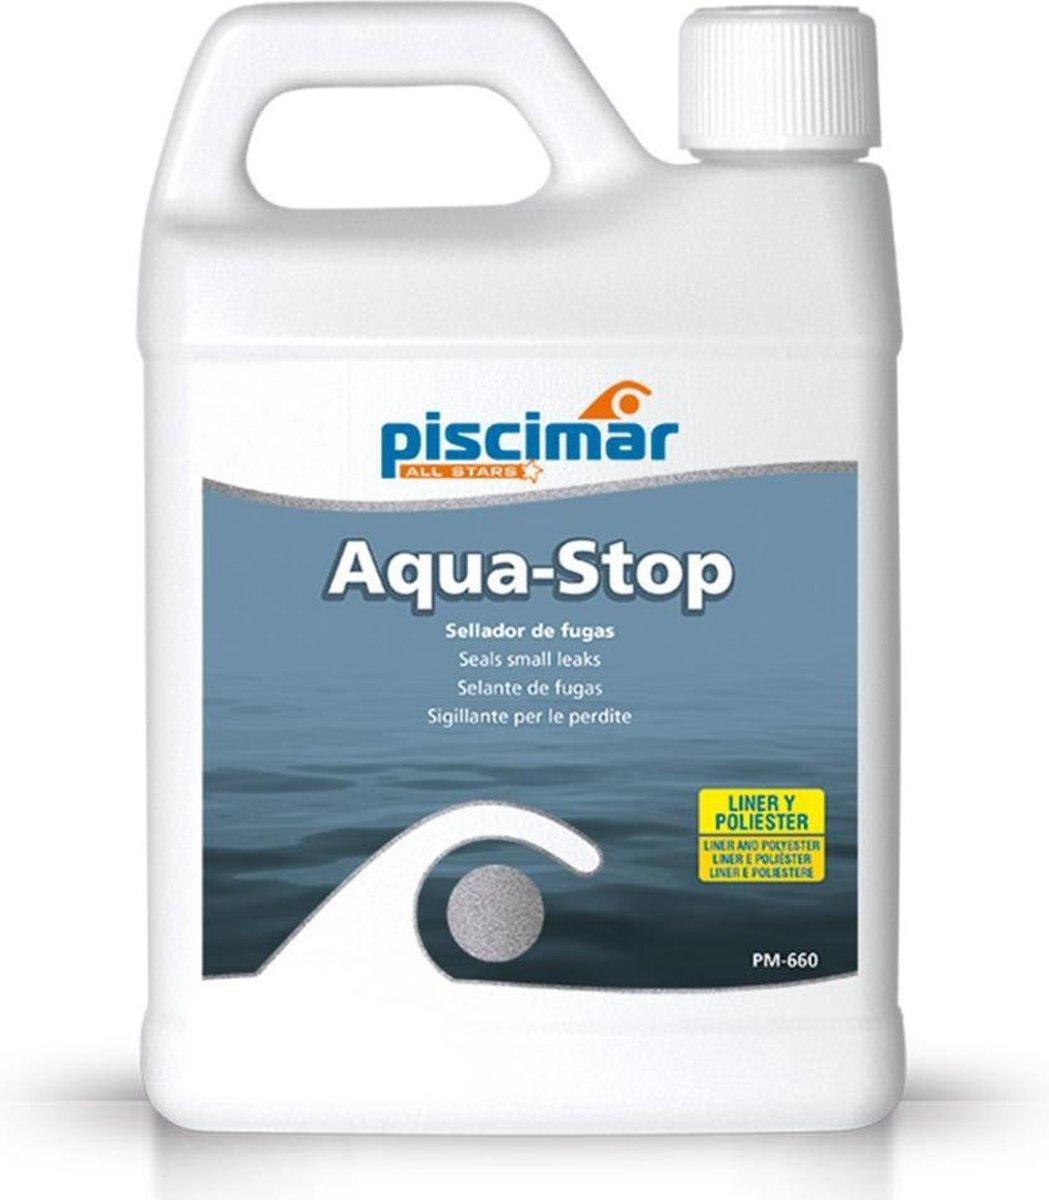 Aqua-stop, lek in zwembad dichten - Piscimar (PM-660)